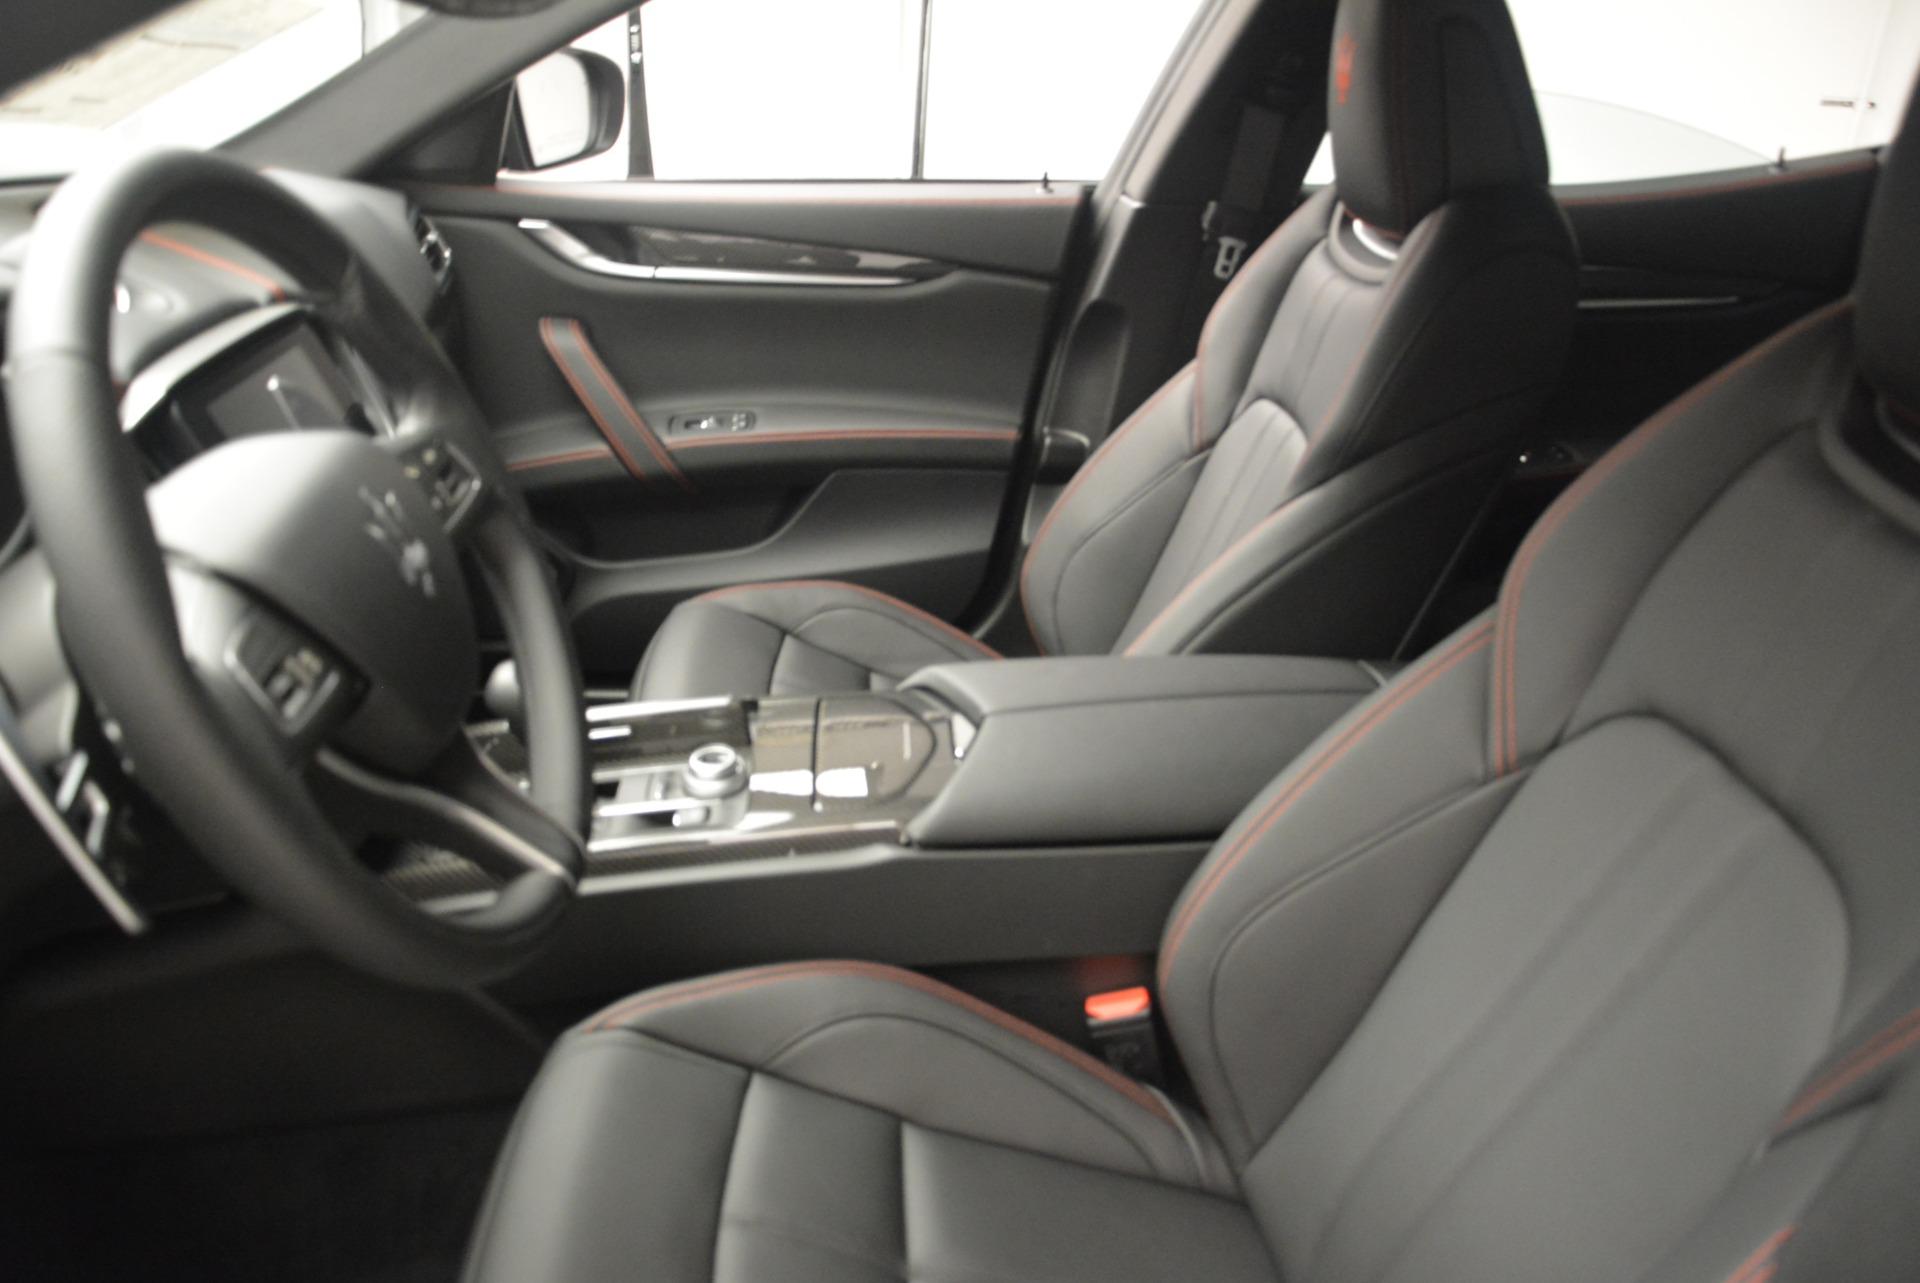 New 2018 Maserati Ghibli SQ4 GranSport Nerissimo For Sale In Greenwich, CT 2372_p15